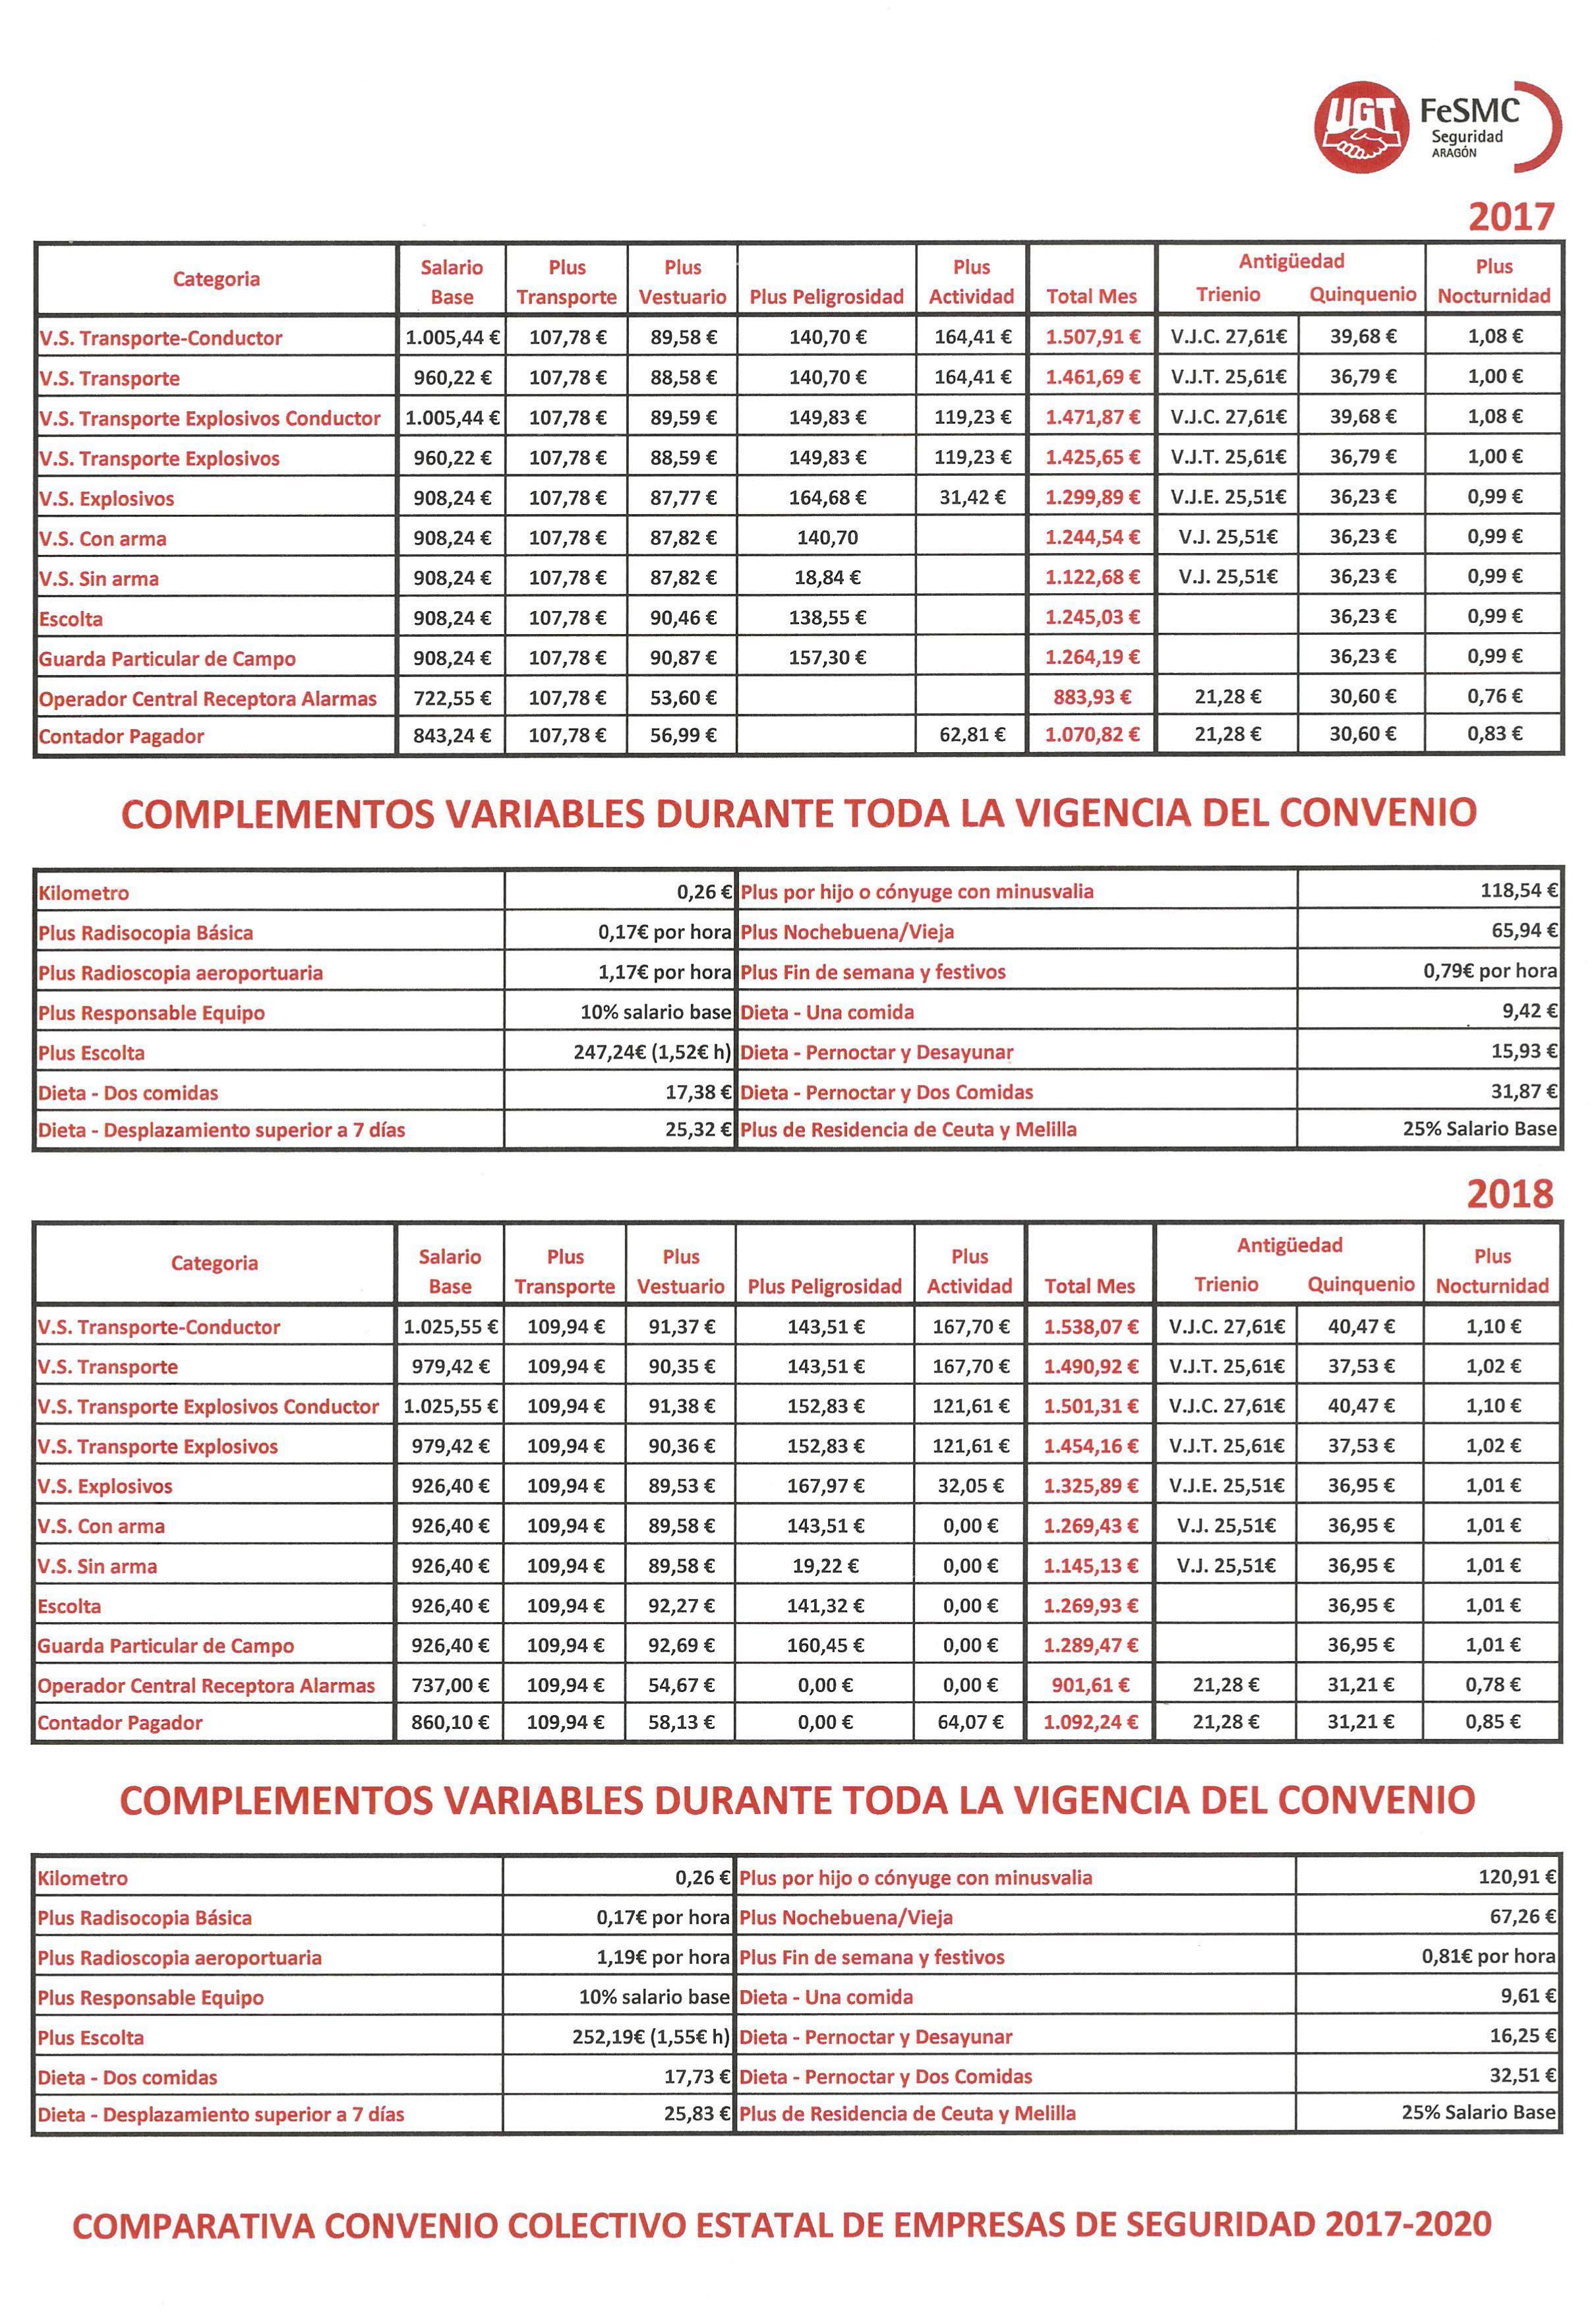 Convenio vigilantes seguridad 2018 2020 ugt grupo control for Fuera de convenio 2018